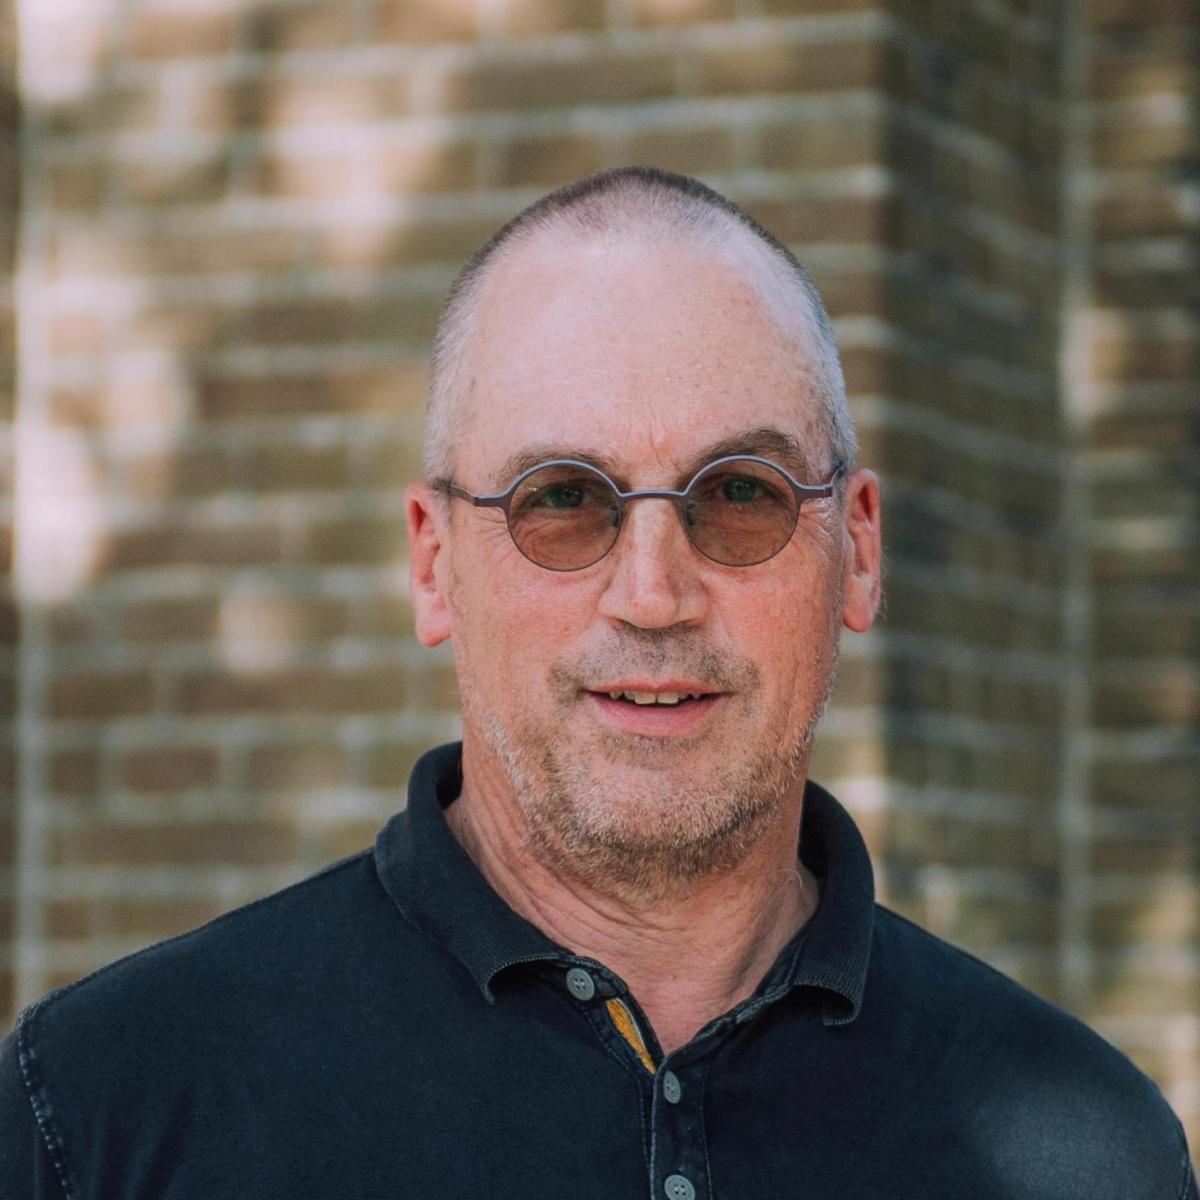 Peter Dirven